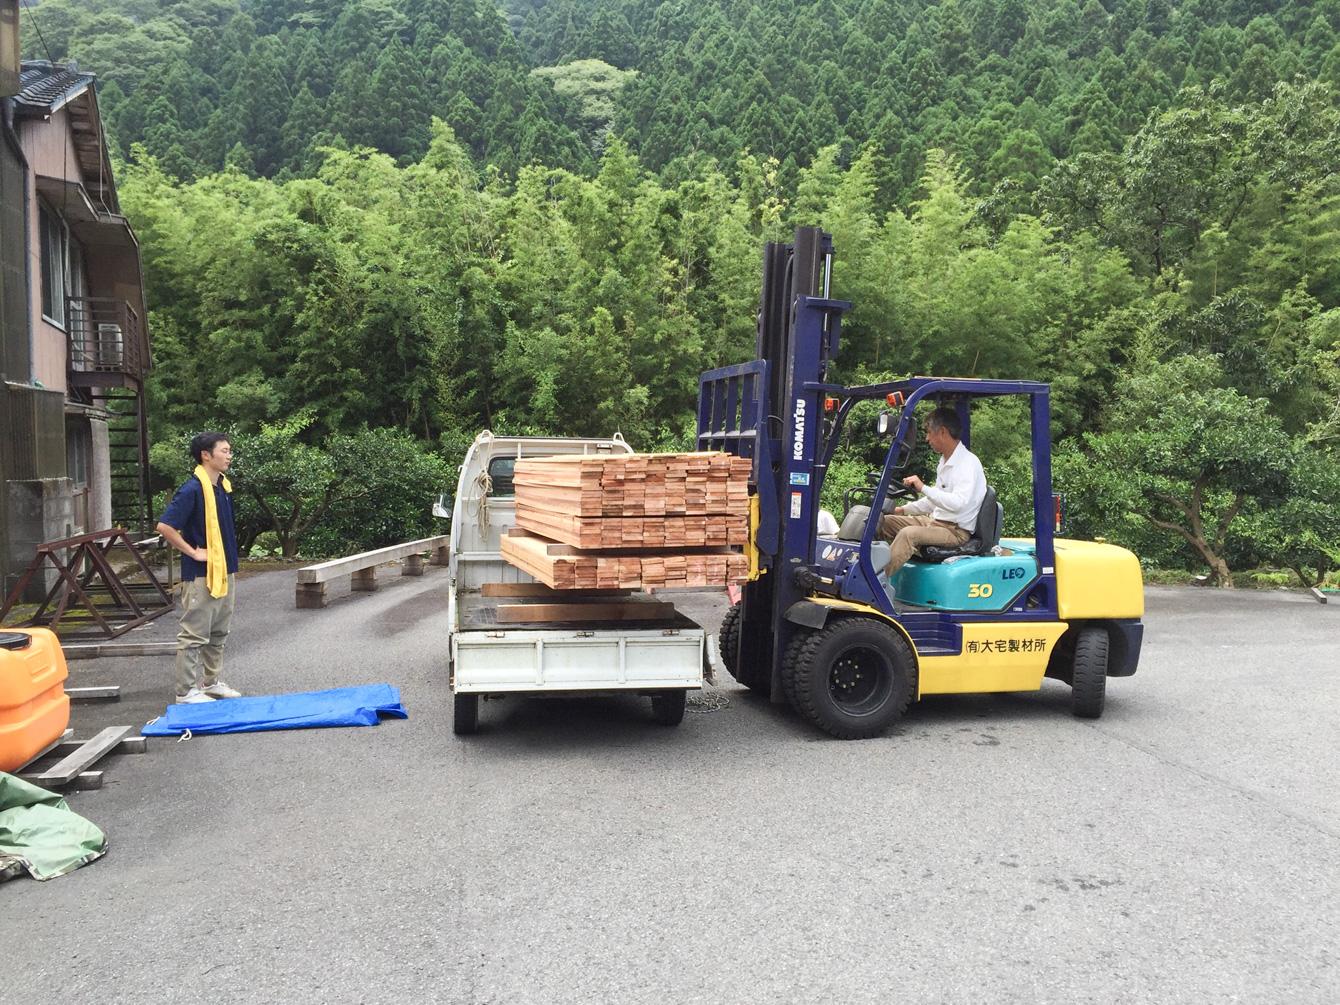 中山さんにお借りした軽トラックに木材を積み込む。